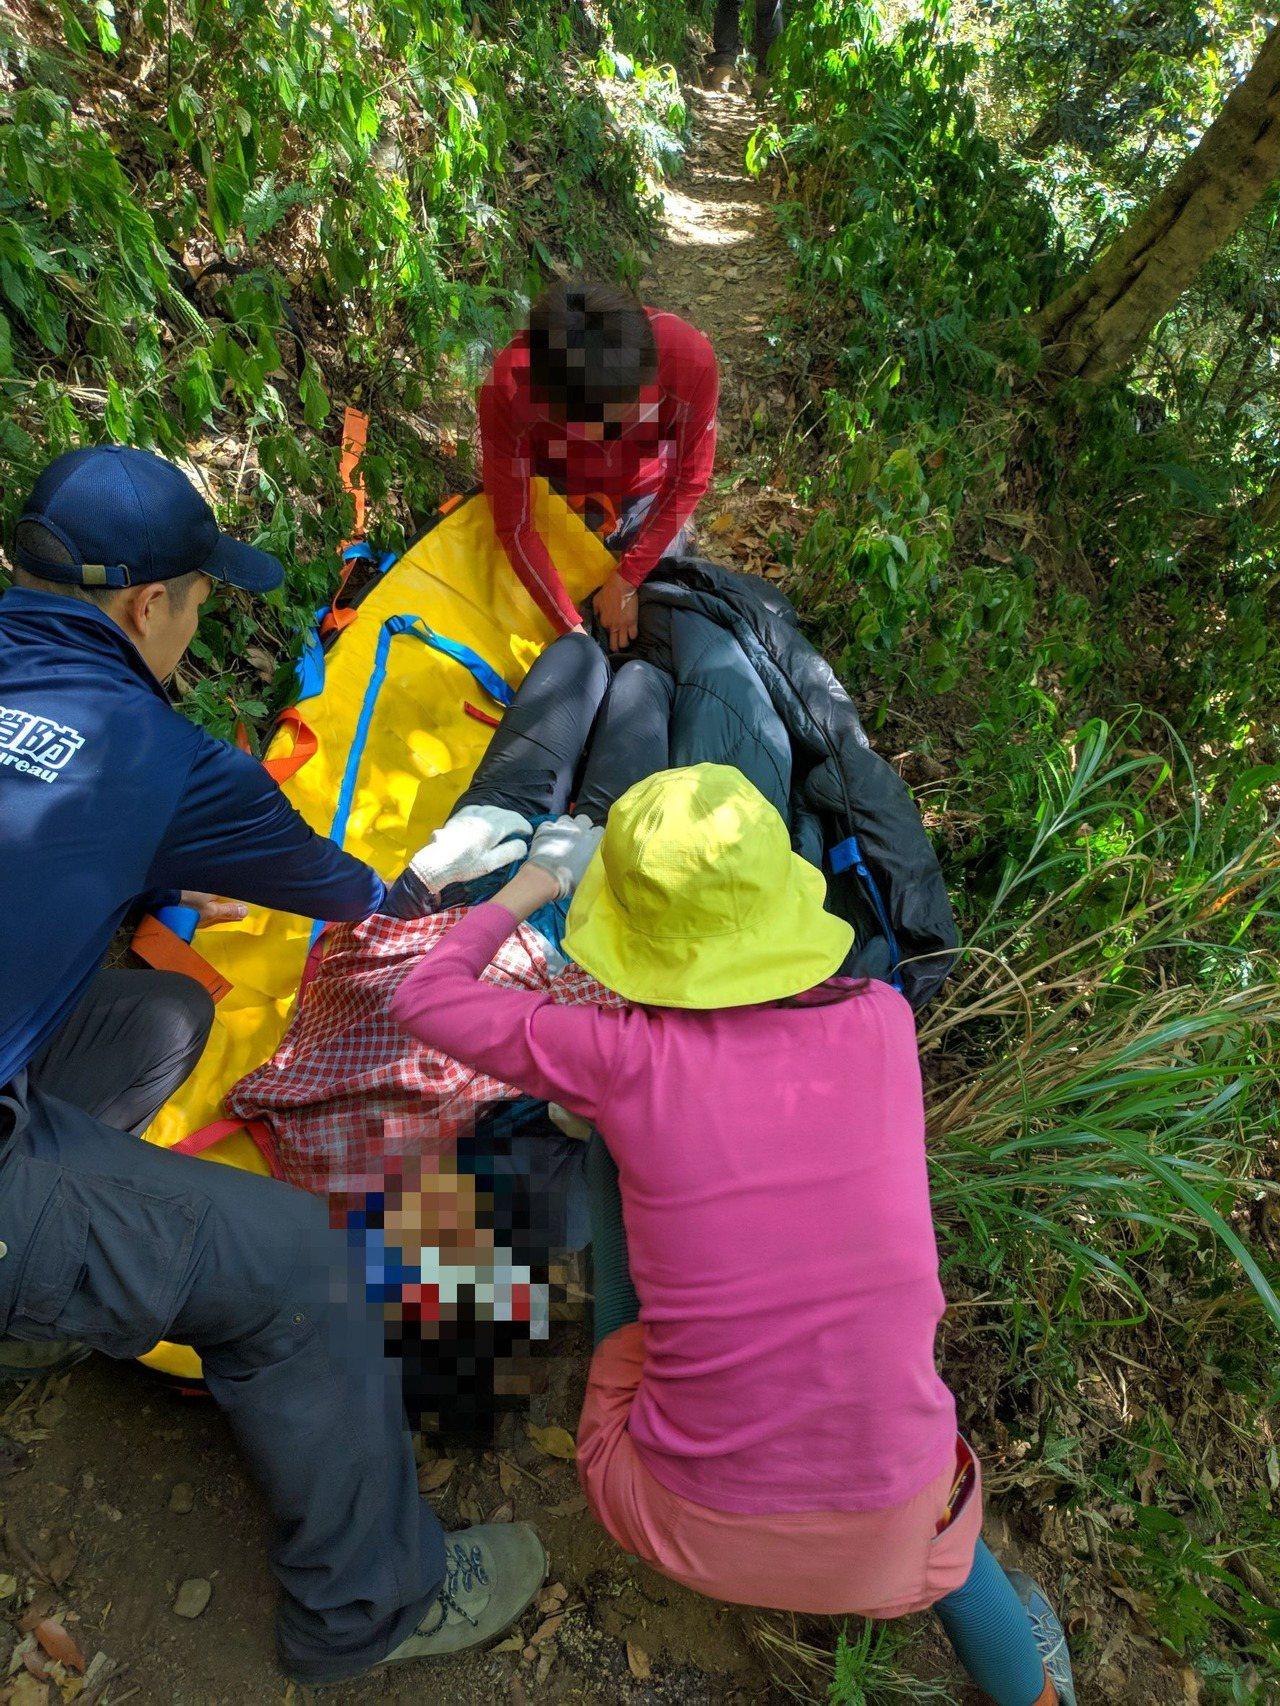 消防人員協助抬溫女到較平坦空曠的河床處,方便直升機執行吊掛作業。記者陳玫伶/翻攝